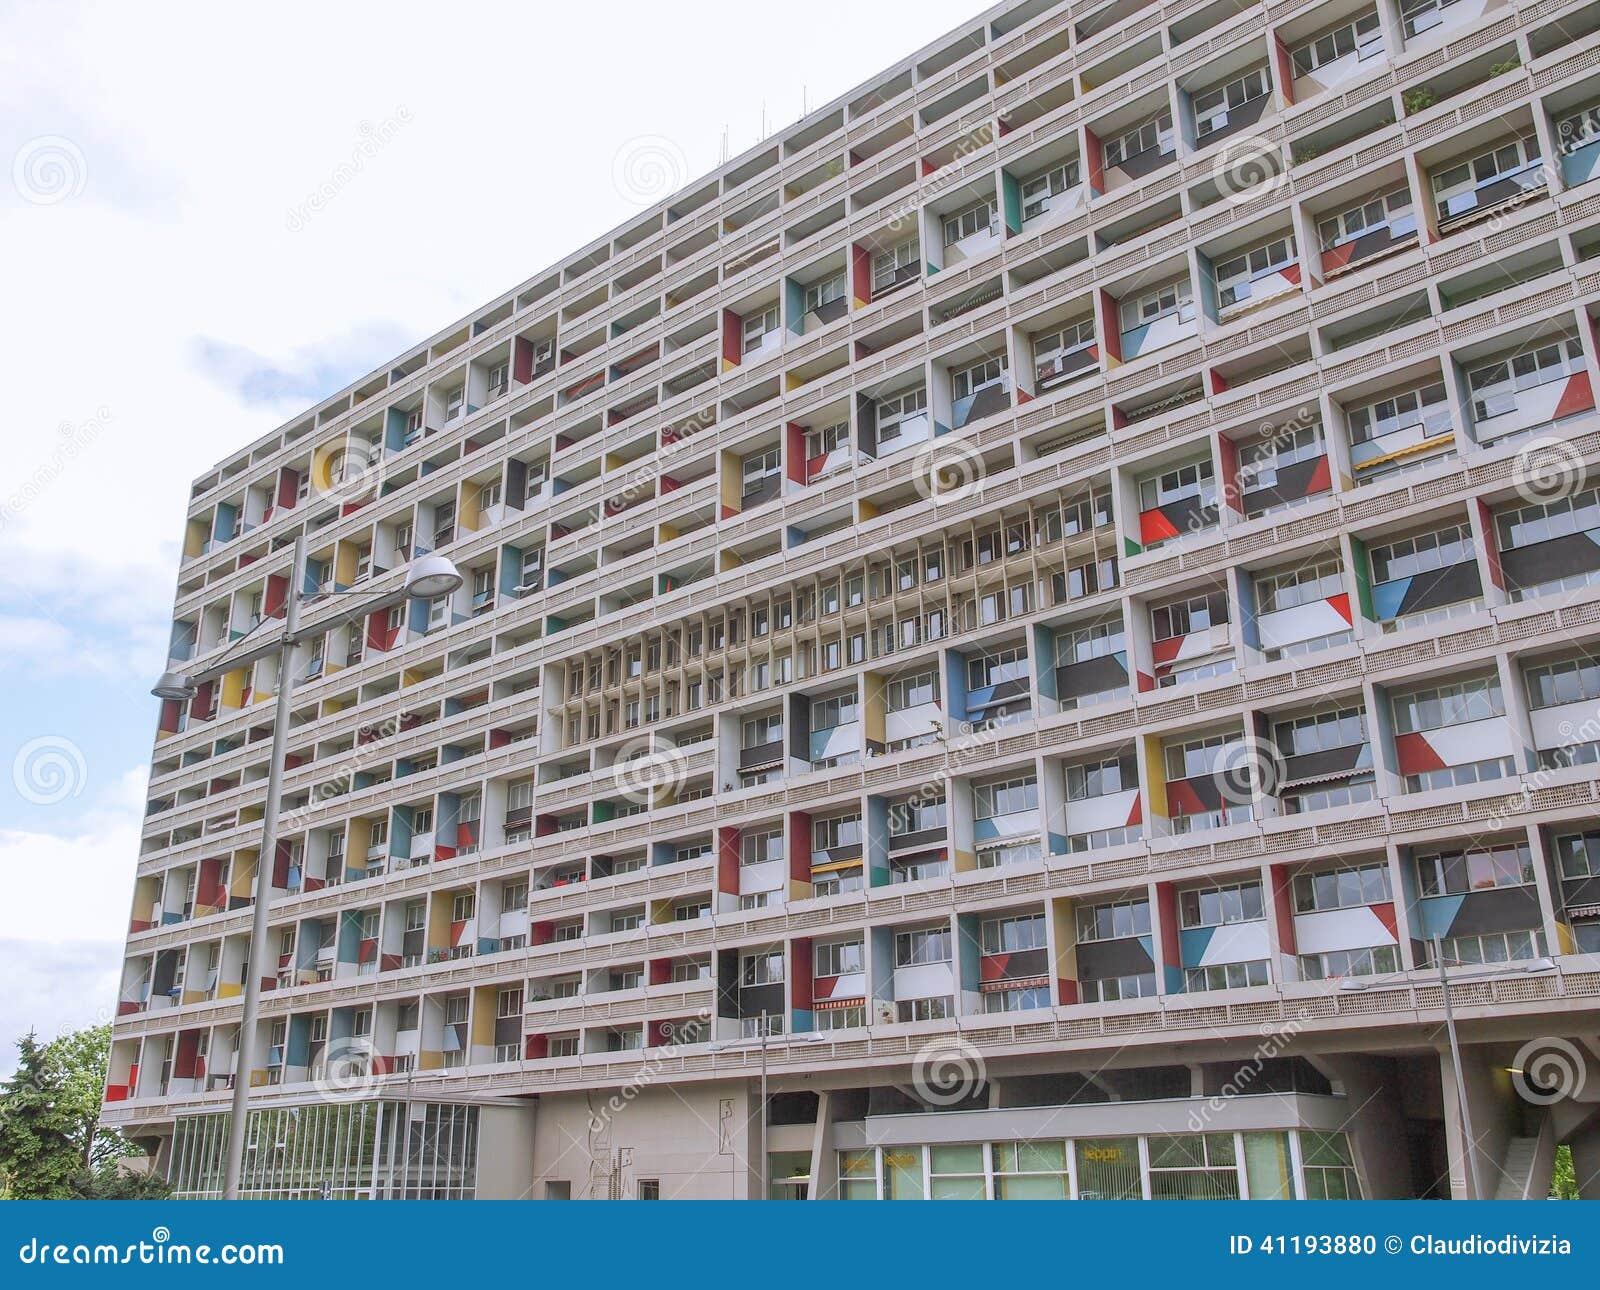 Corbusierhaus Berlino